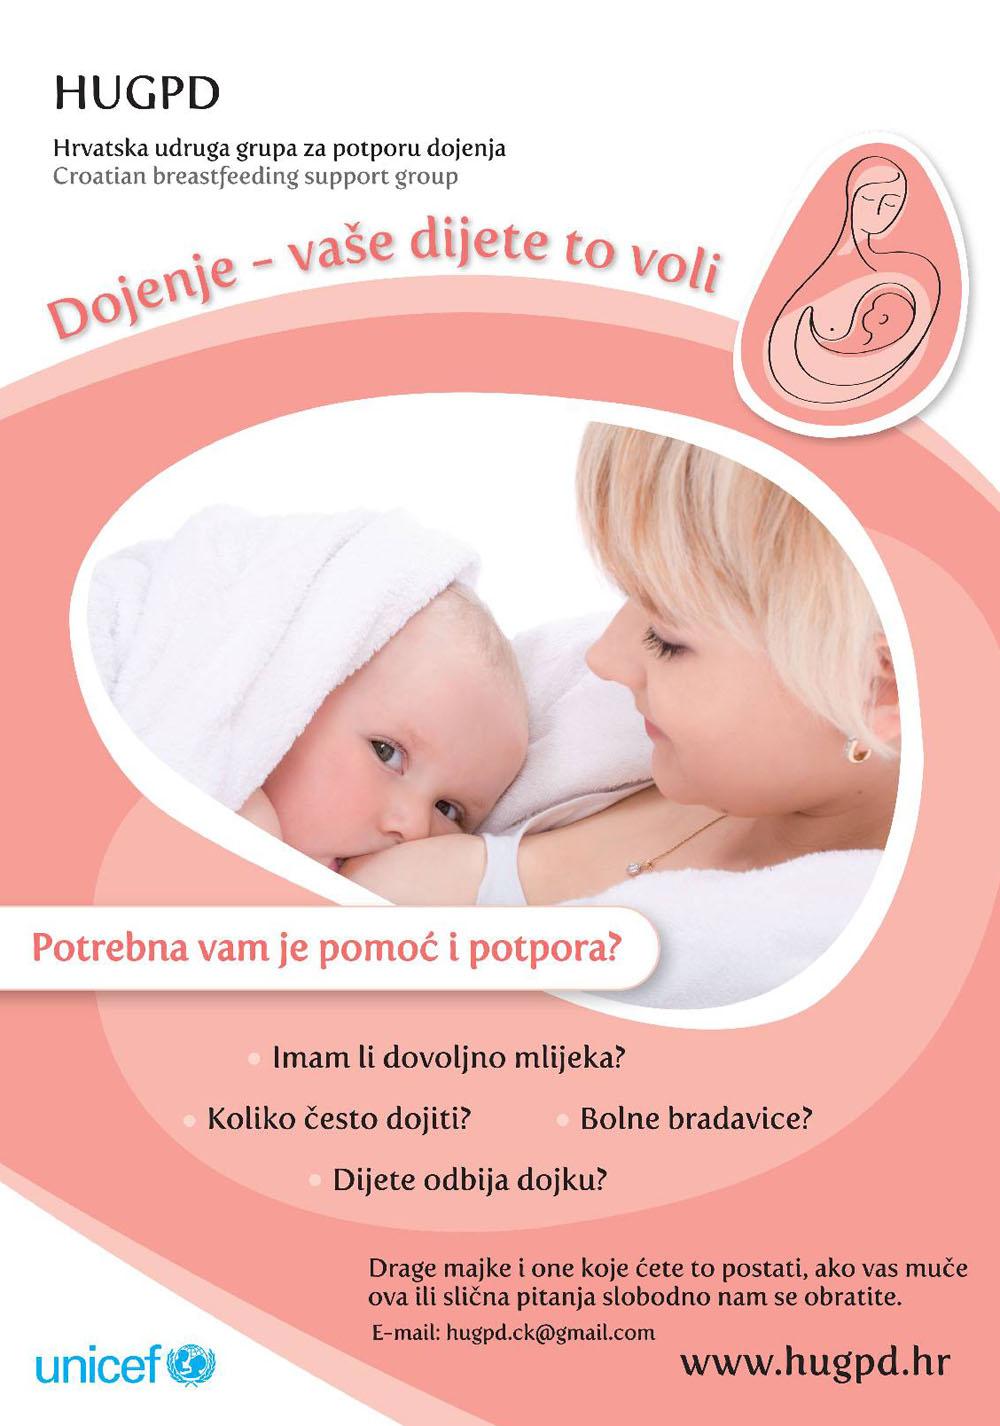 Hrvatska udruga grupa za potporu dojenja